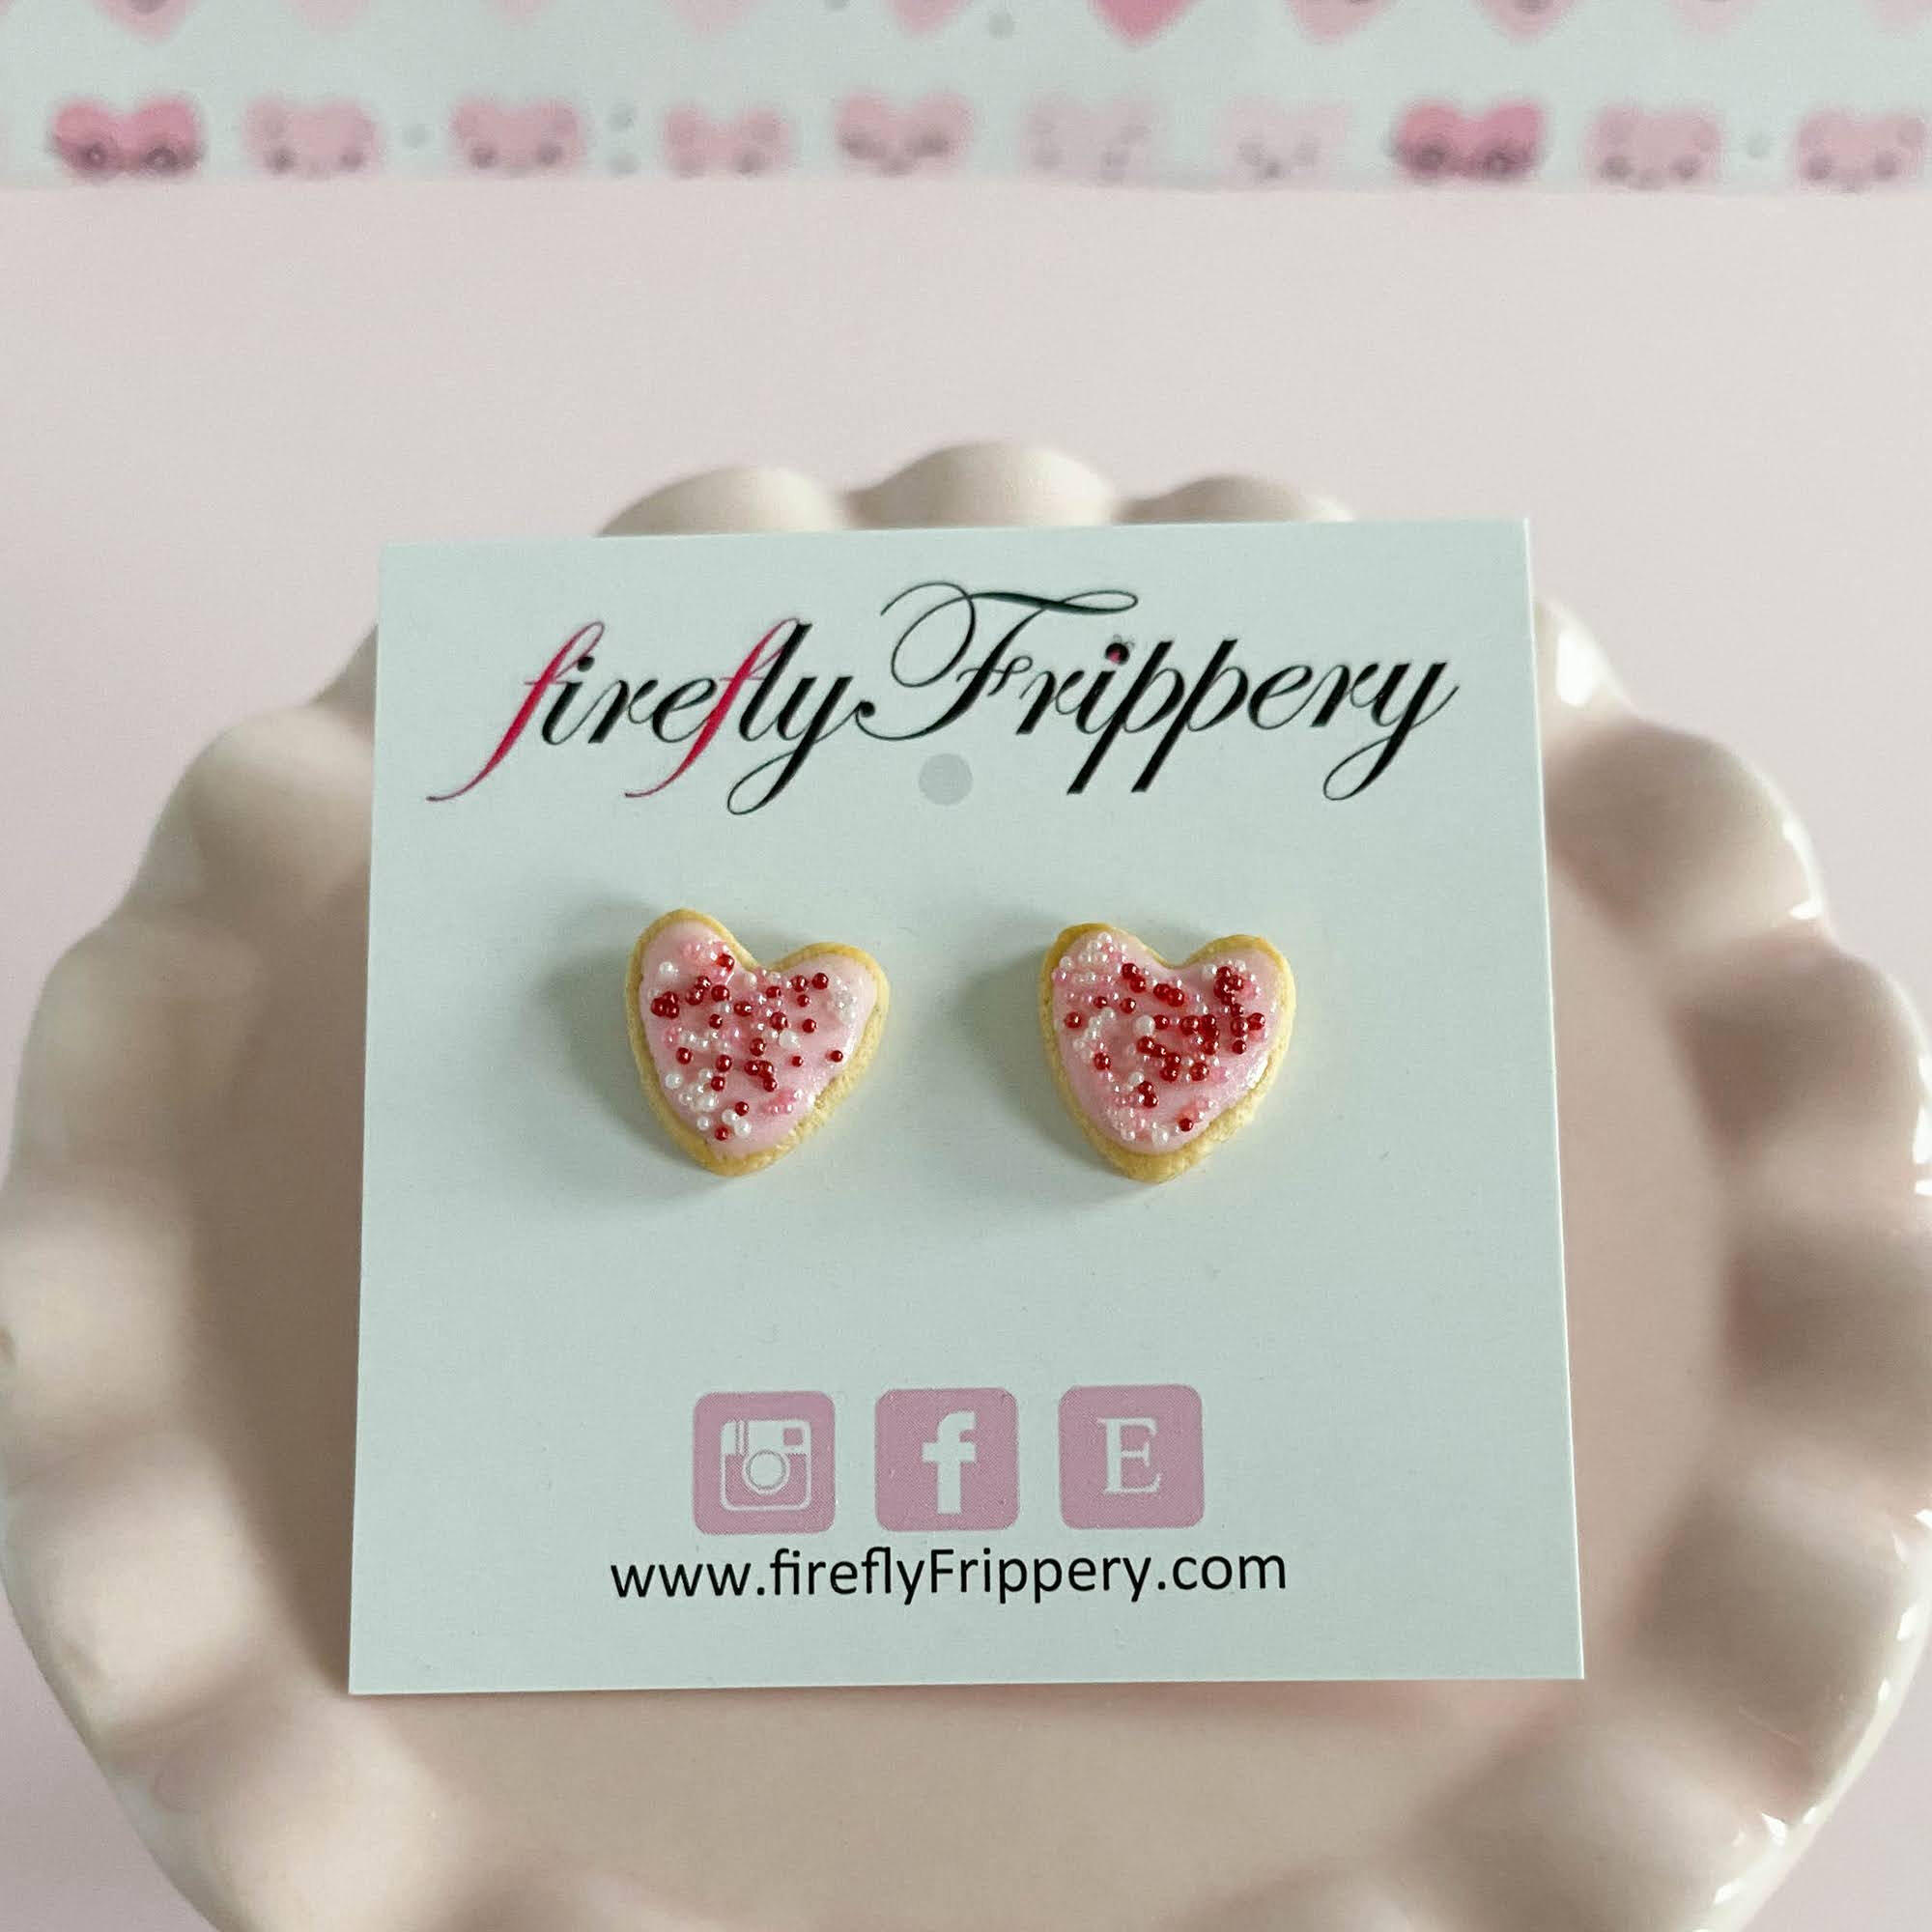 fireflyFrippery Pink Heart Sugar Cookie Earrings on Card